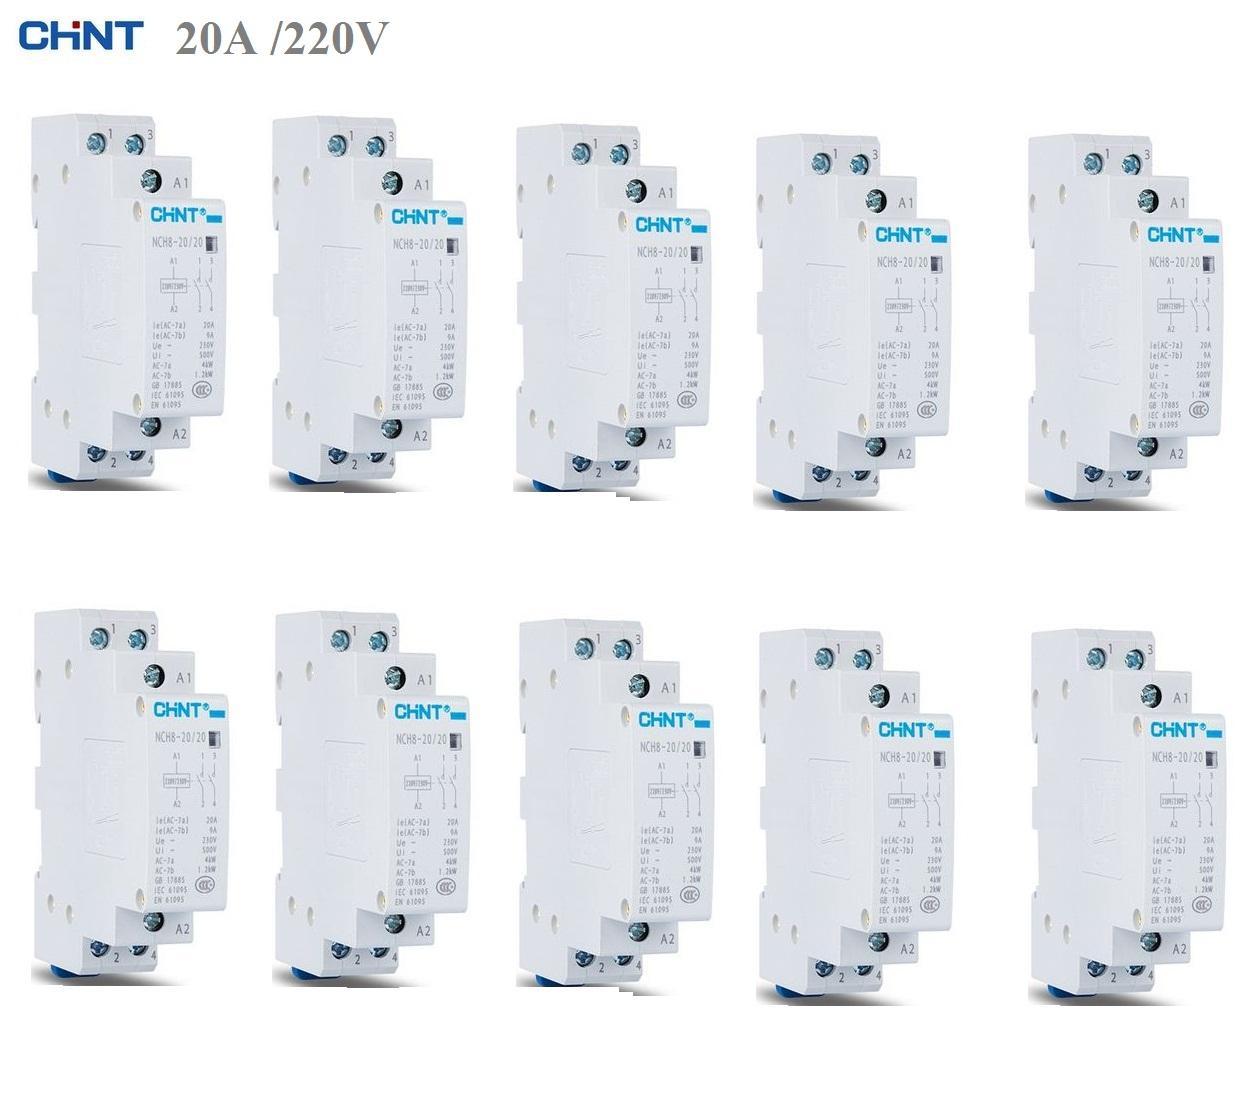 10 khởi động từ contactor CHINT 20A/220V (Trắng)